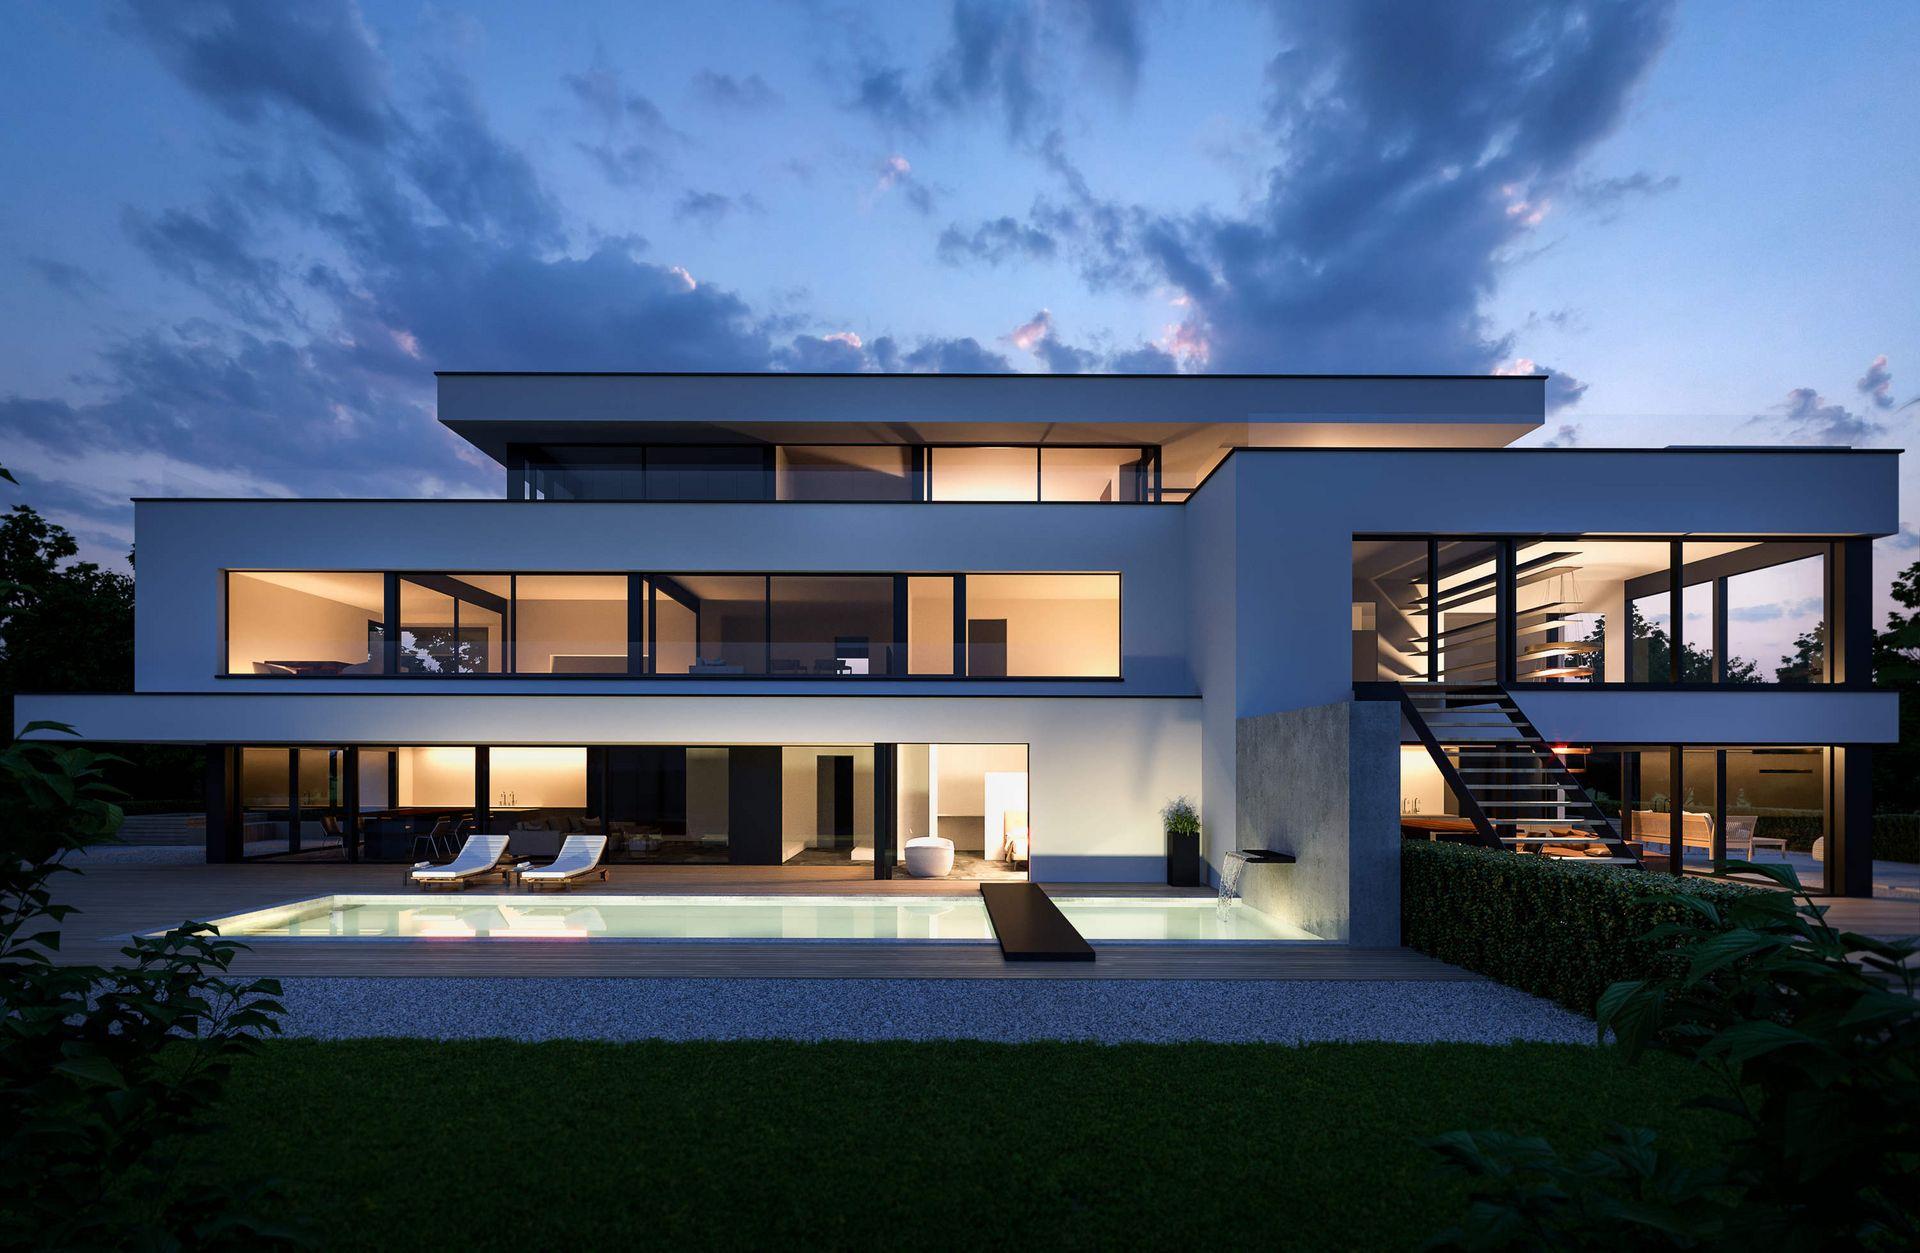 Visualisierung Architektur architekturvisualisierung und 3d visualisierung · gmsvision ·